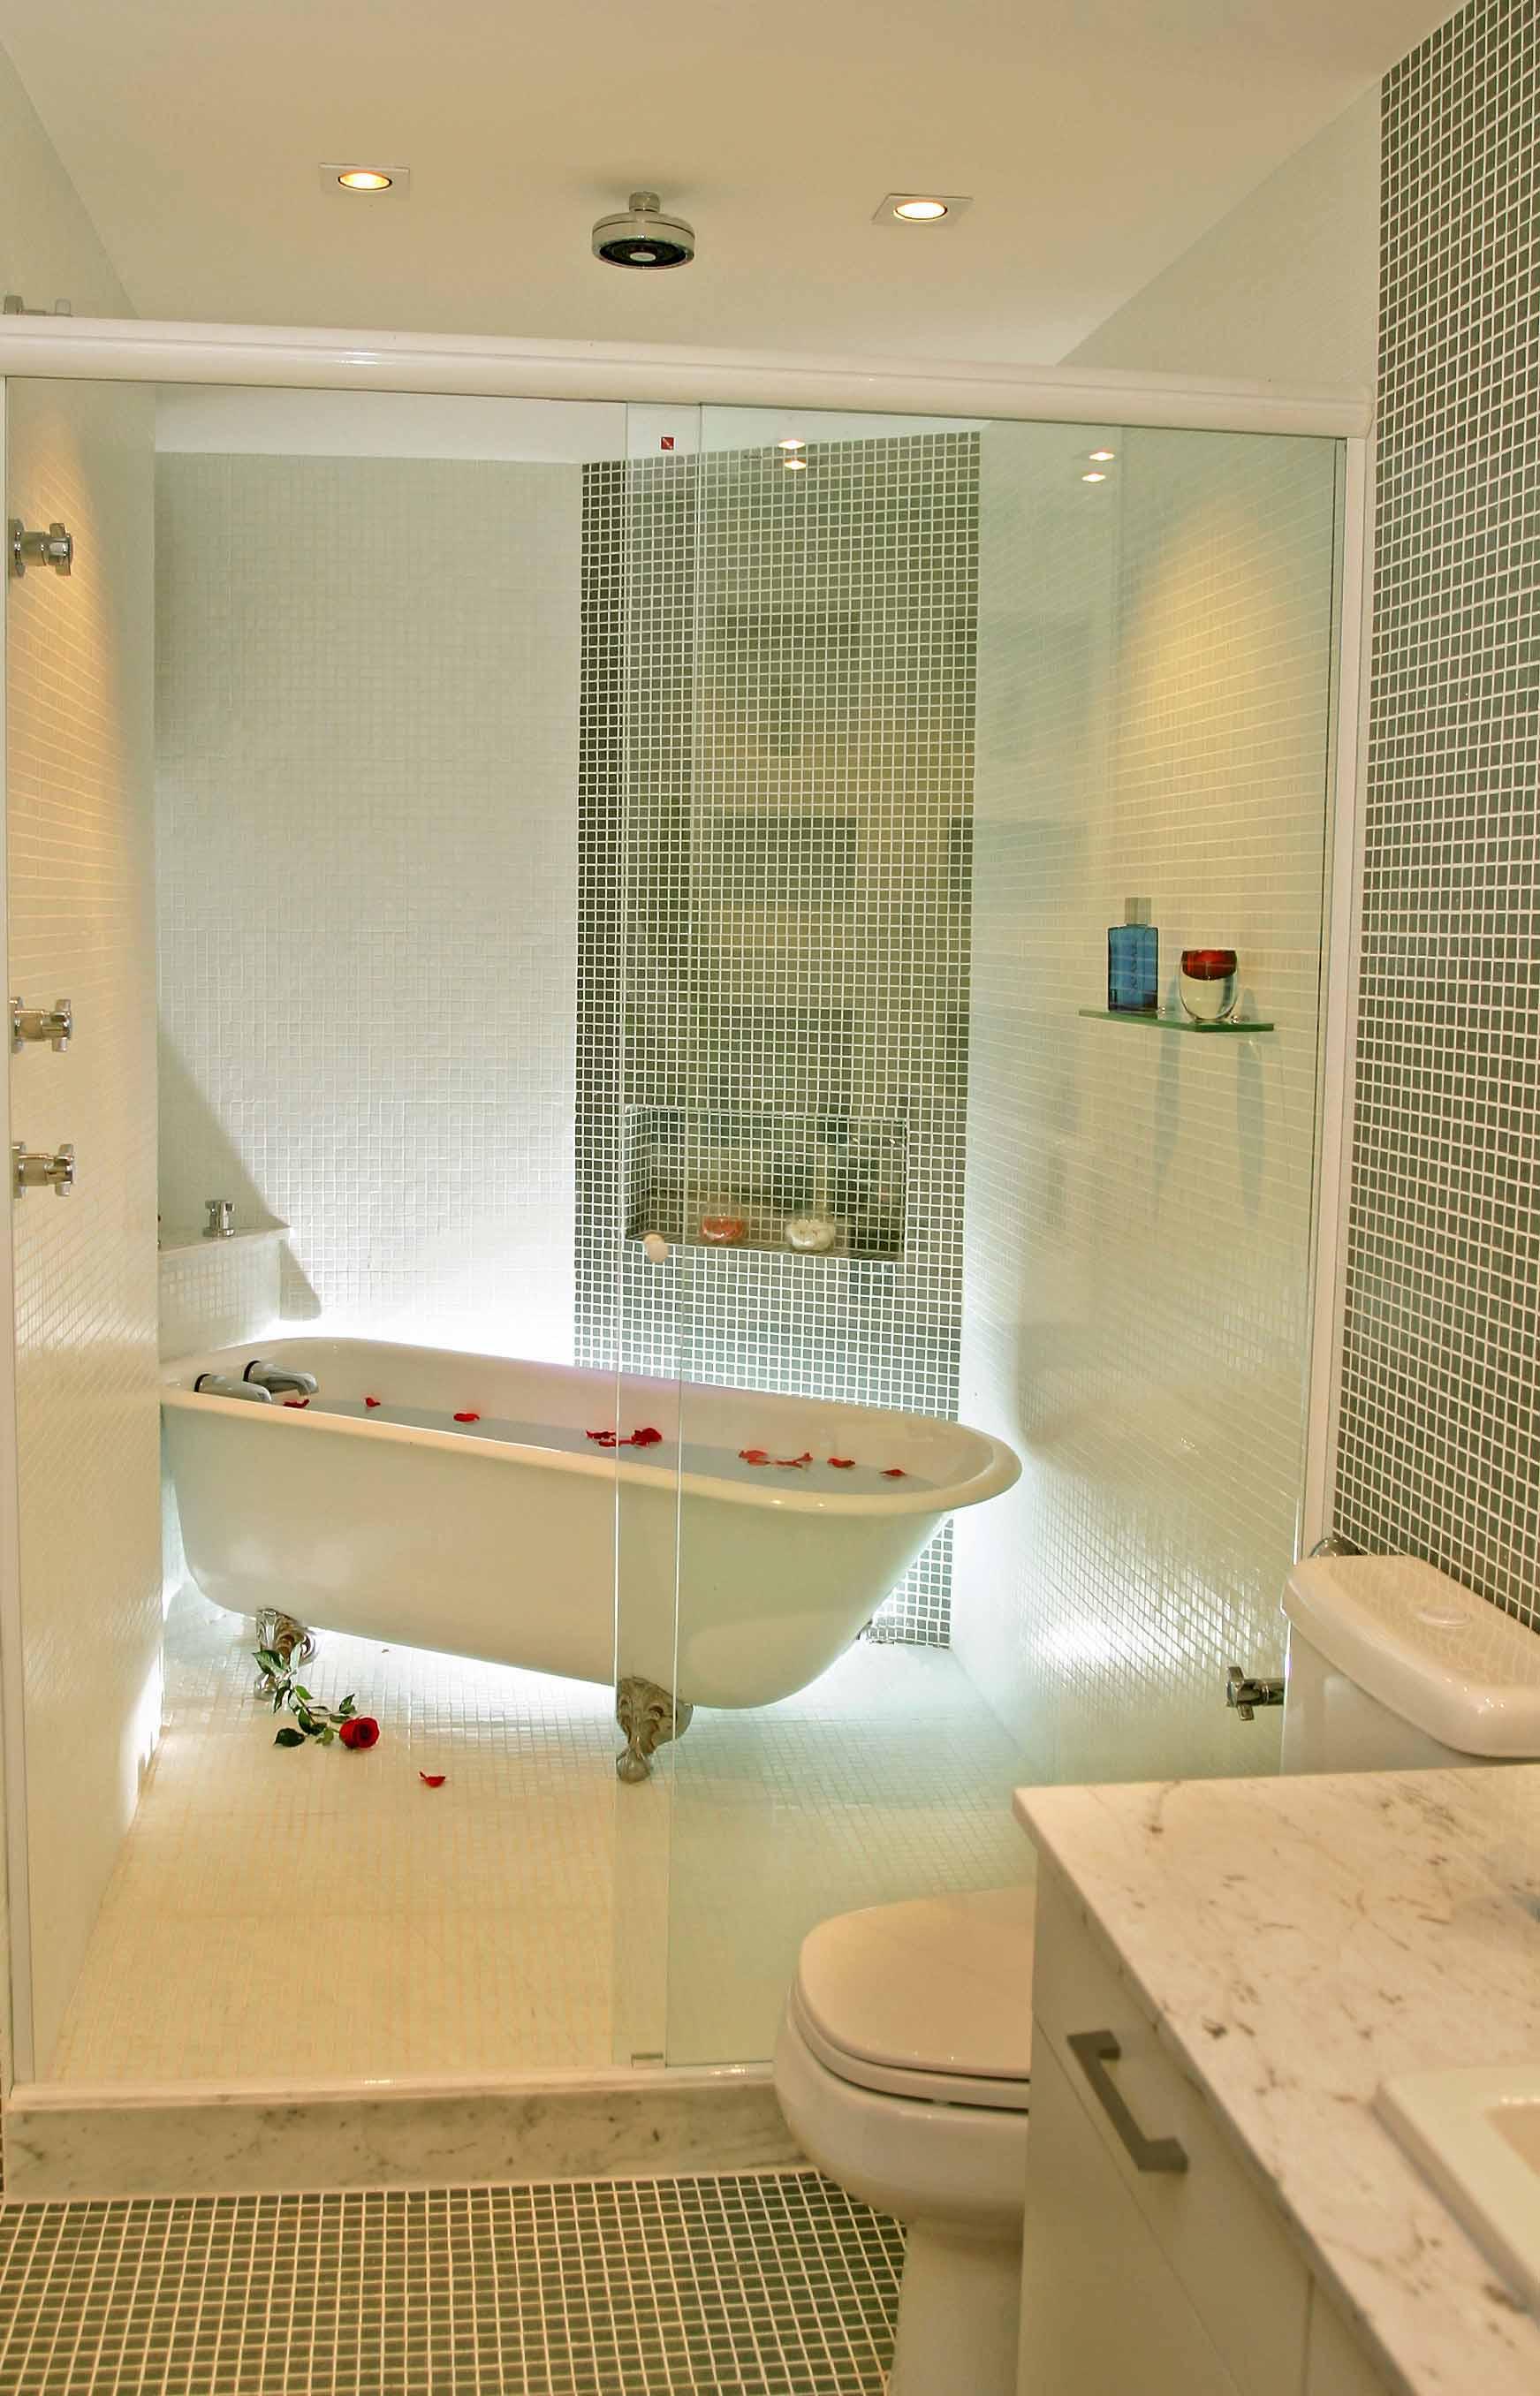 Banheiro -  Banheira Retrô